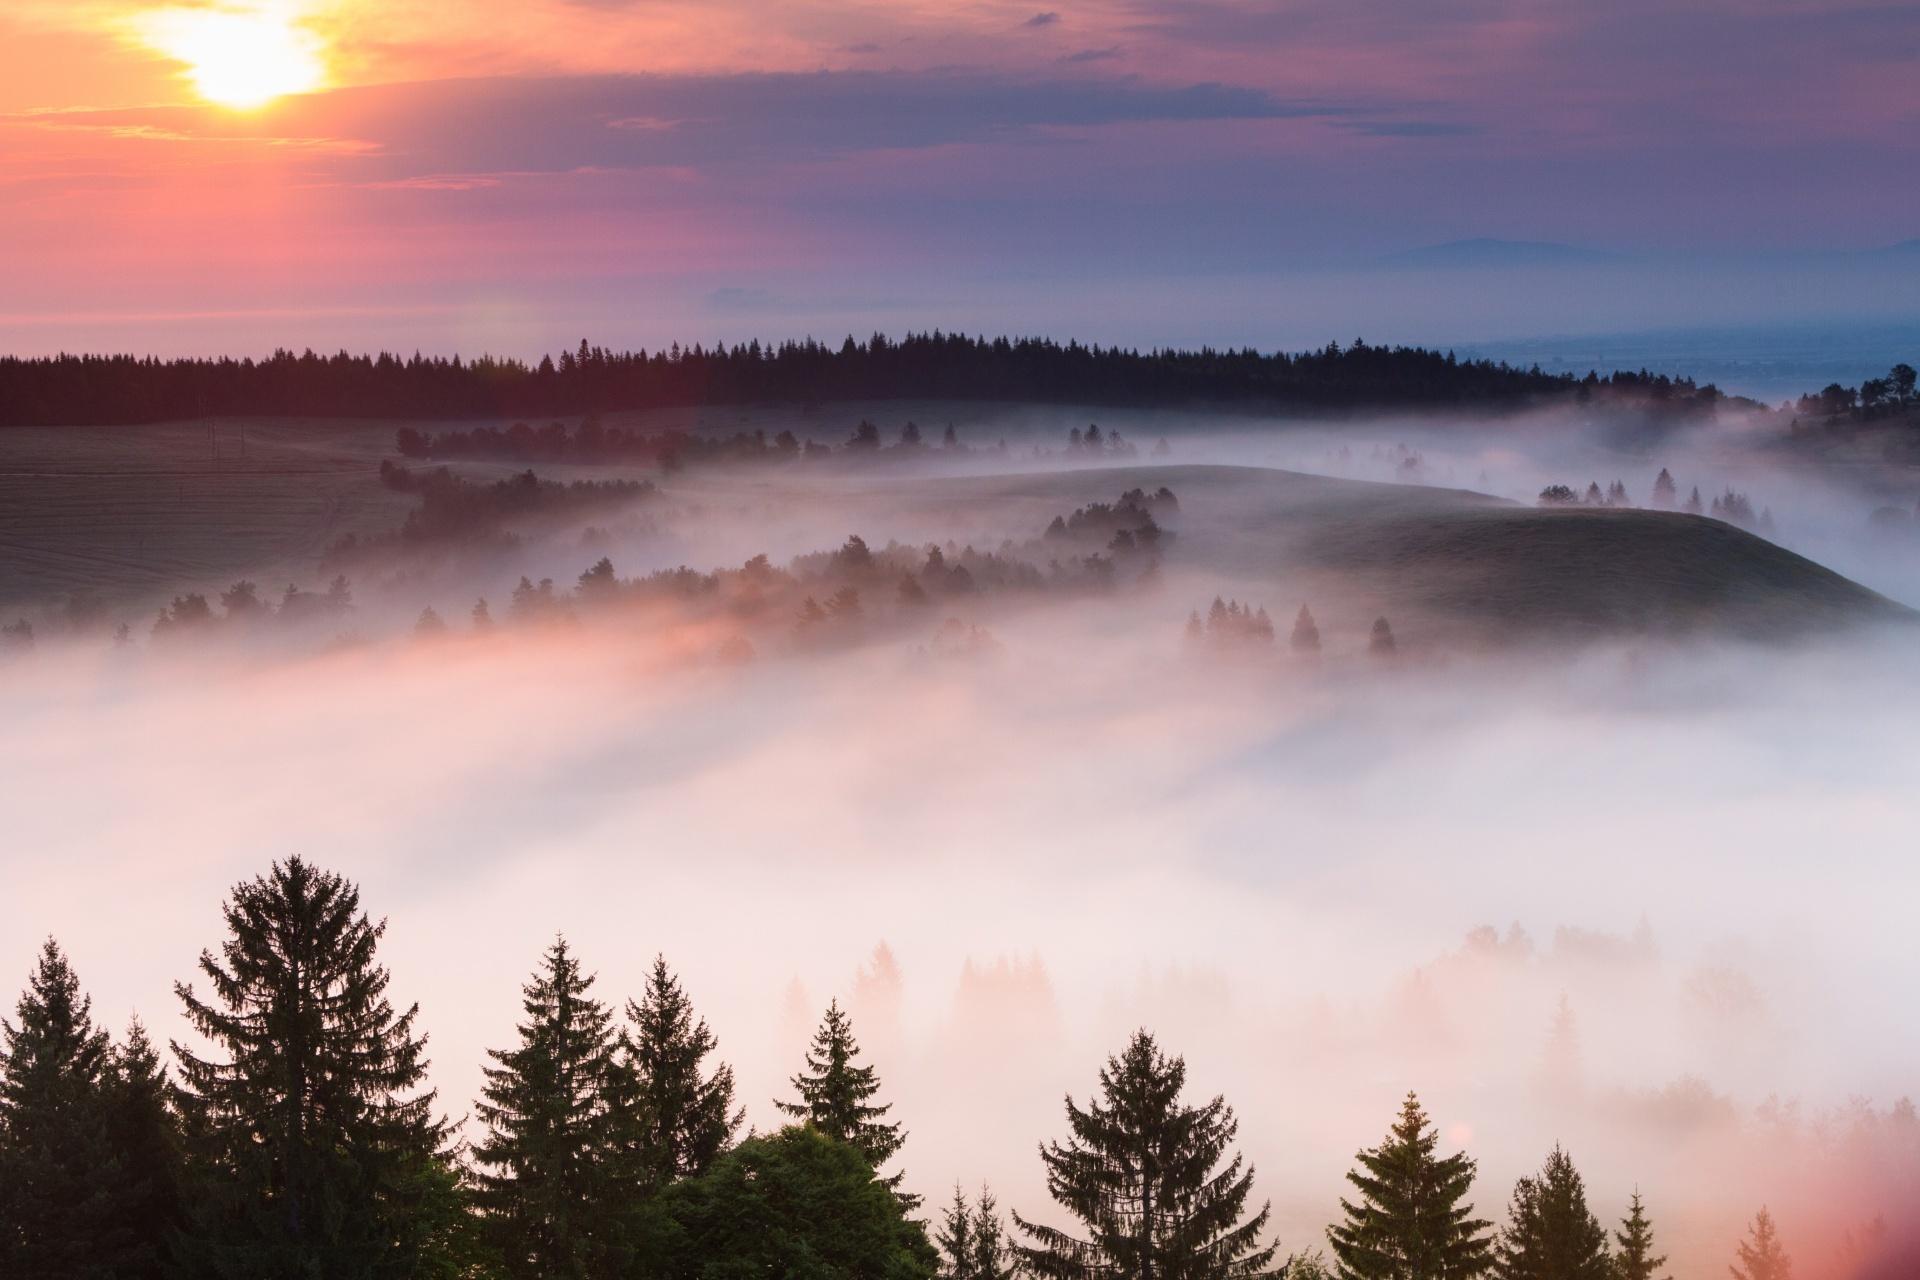 朝霧と春の牧草地の風景 ルーマニアの風景